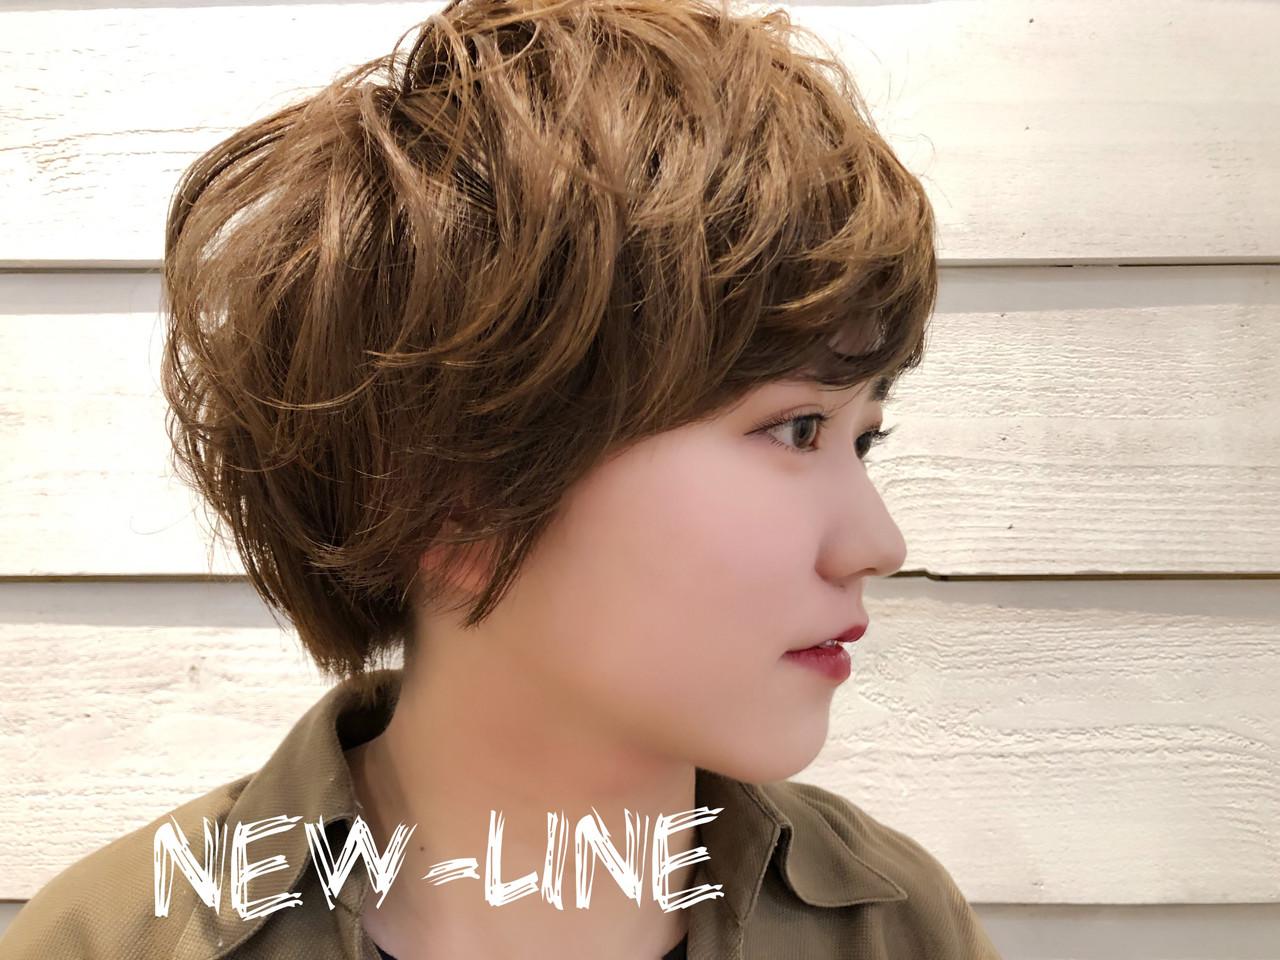 ベージュ 外国人風カラー 3Dハイライト ヘアアレンジ ヘアスタイルや髪型の写真・画像